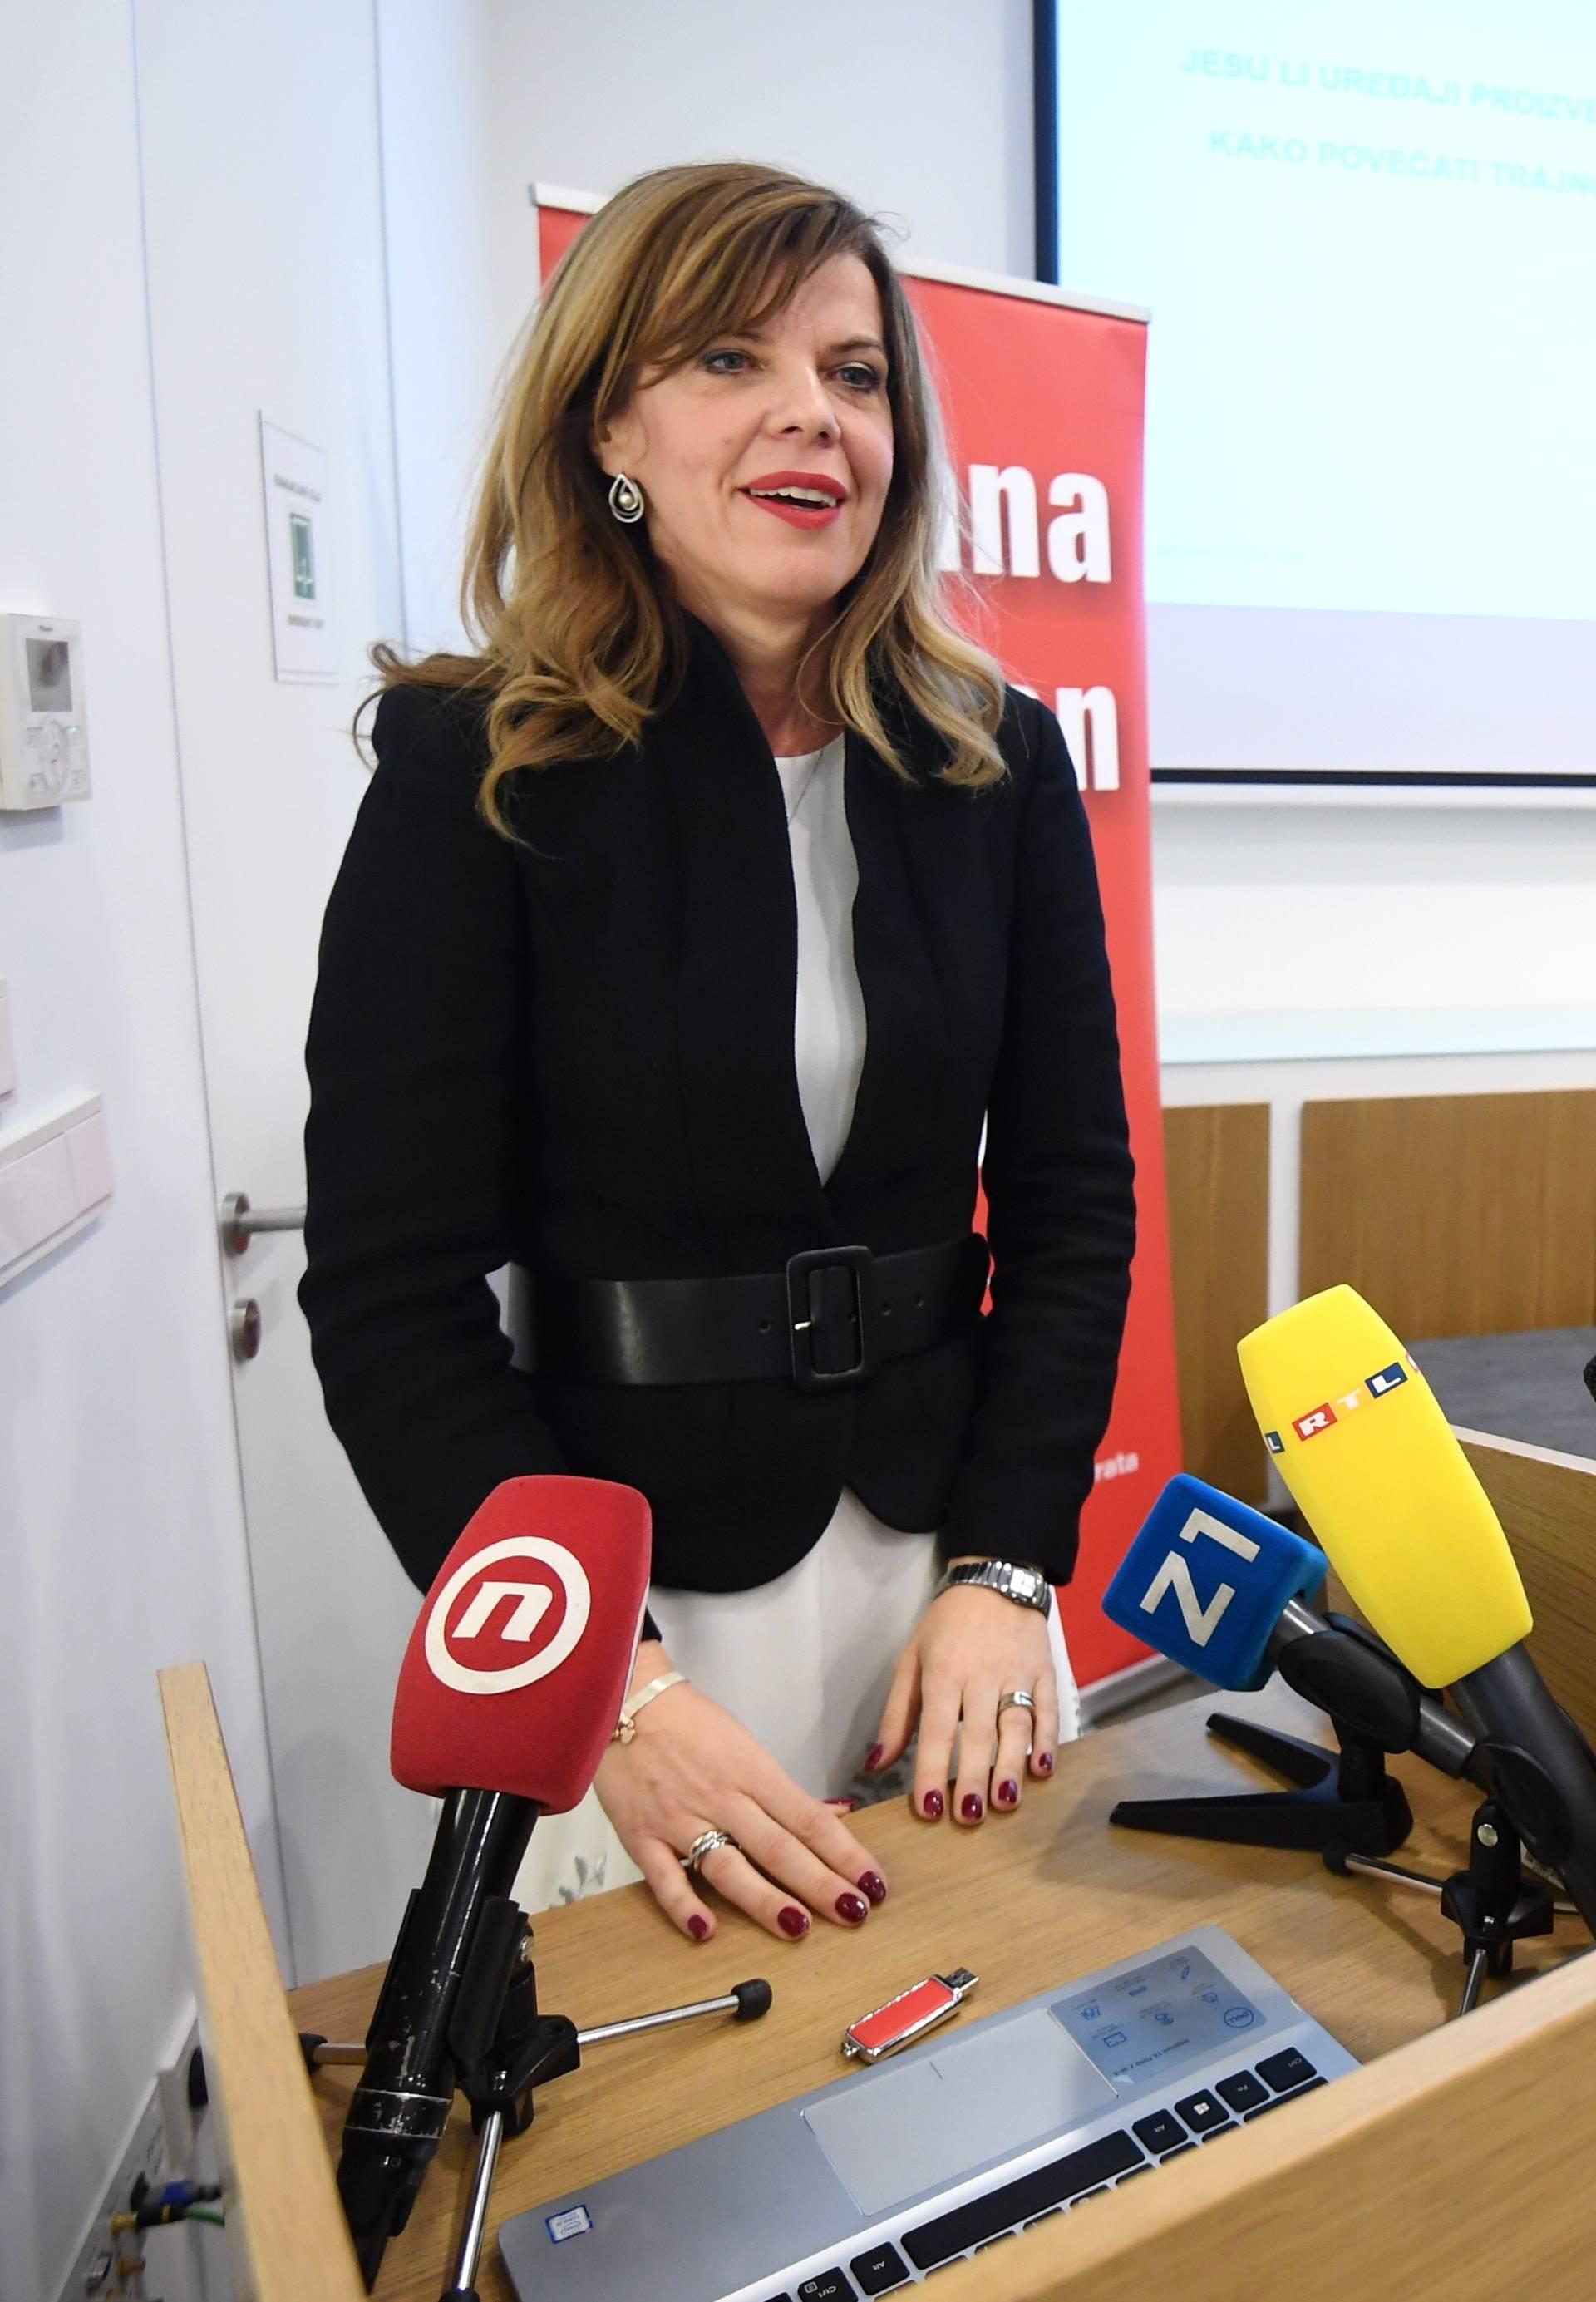 Zagreb: Boljana Borzan na konferenciji govorila o preranom kvarenju uređaja